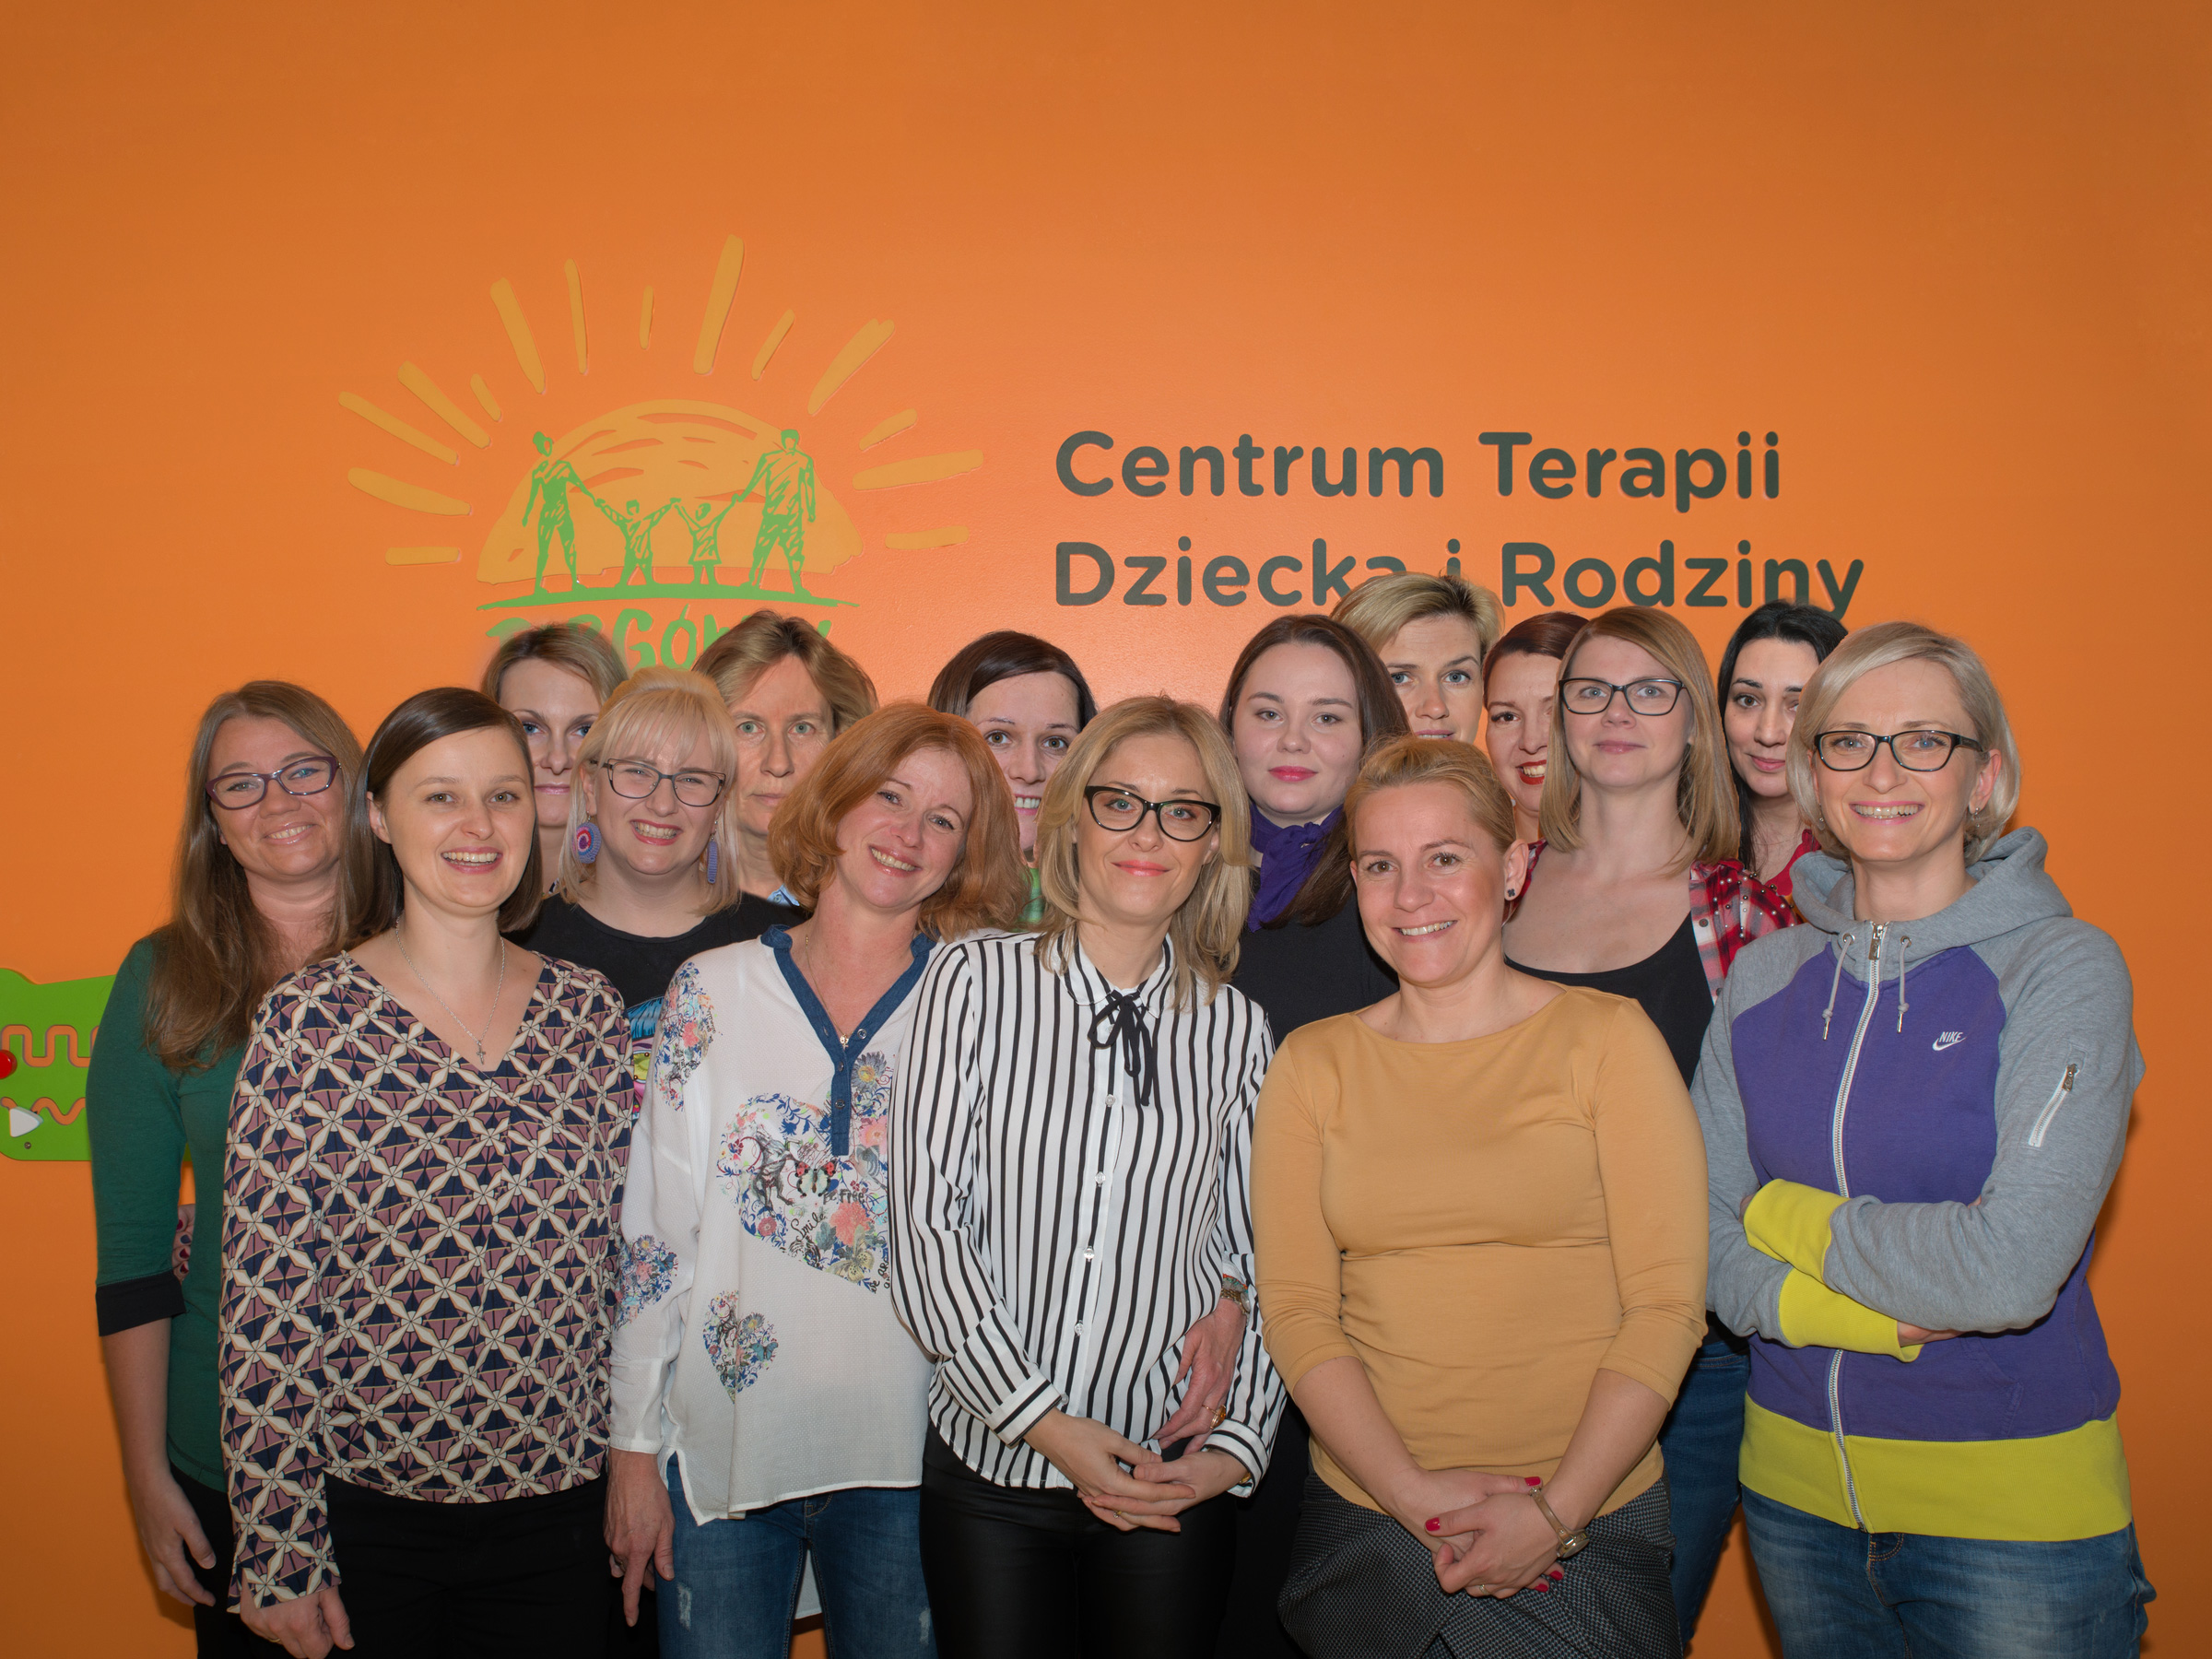 Centrum Terapii Dziecka i Rodziny - O nas